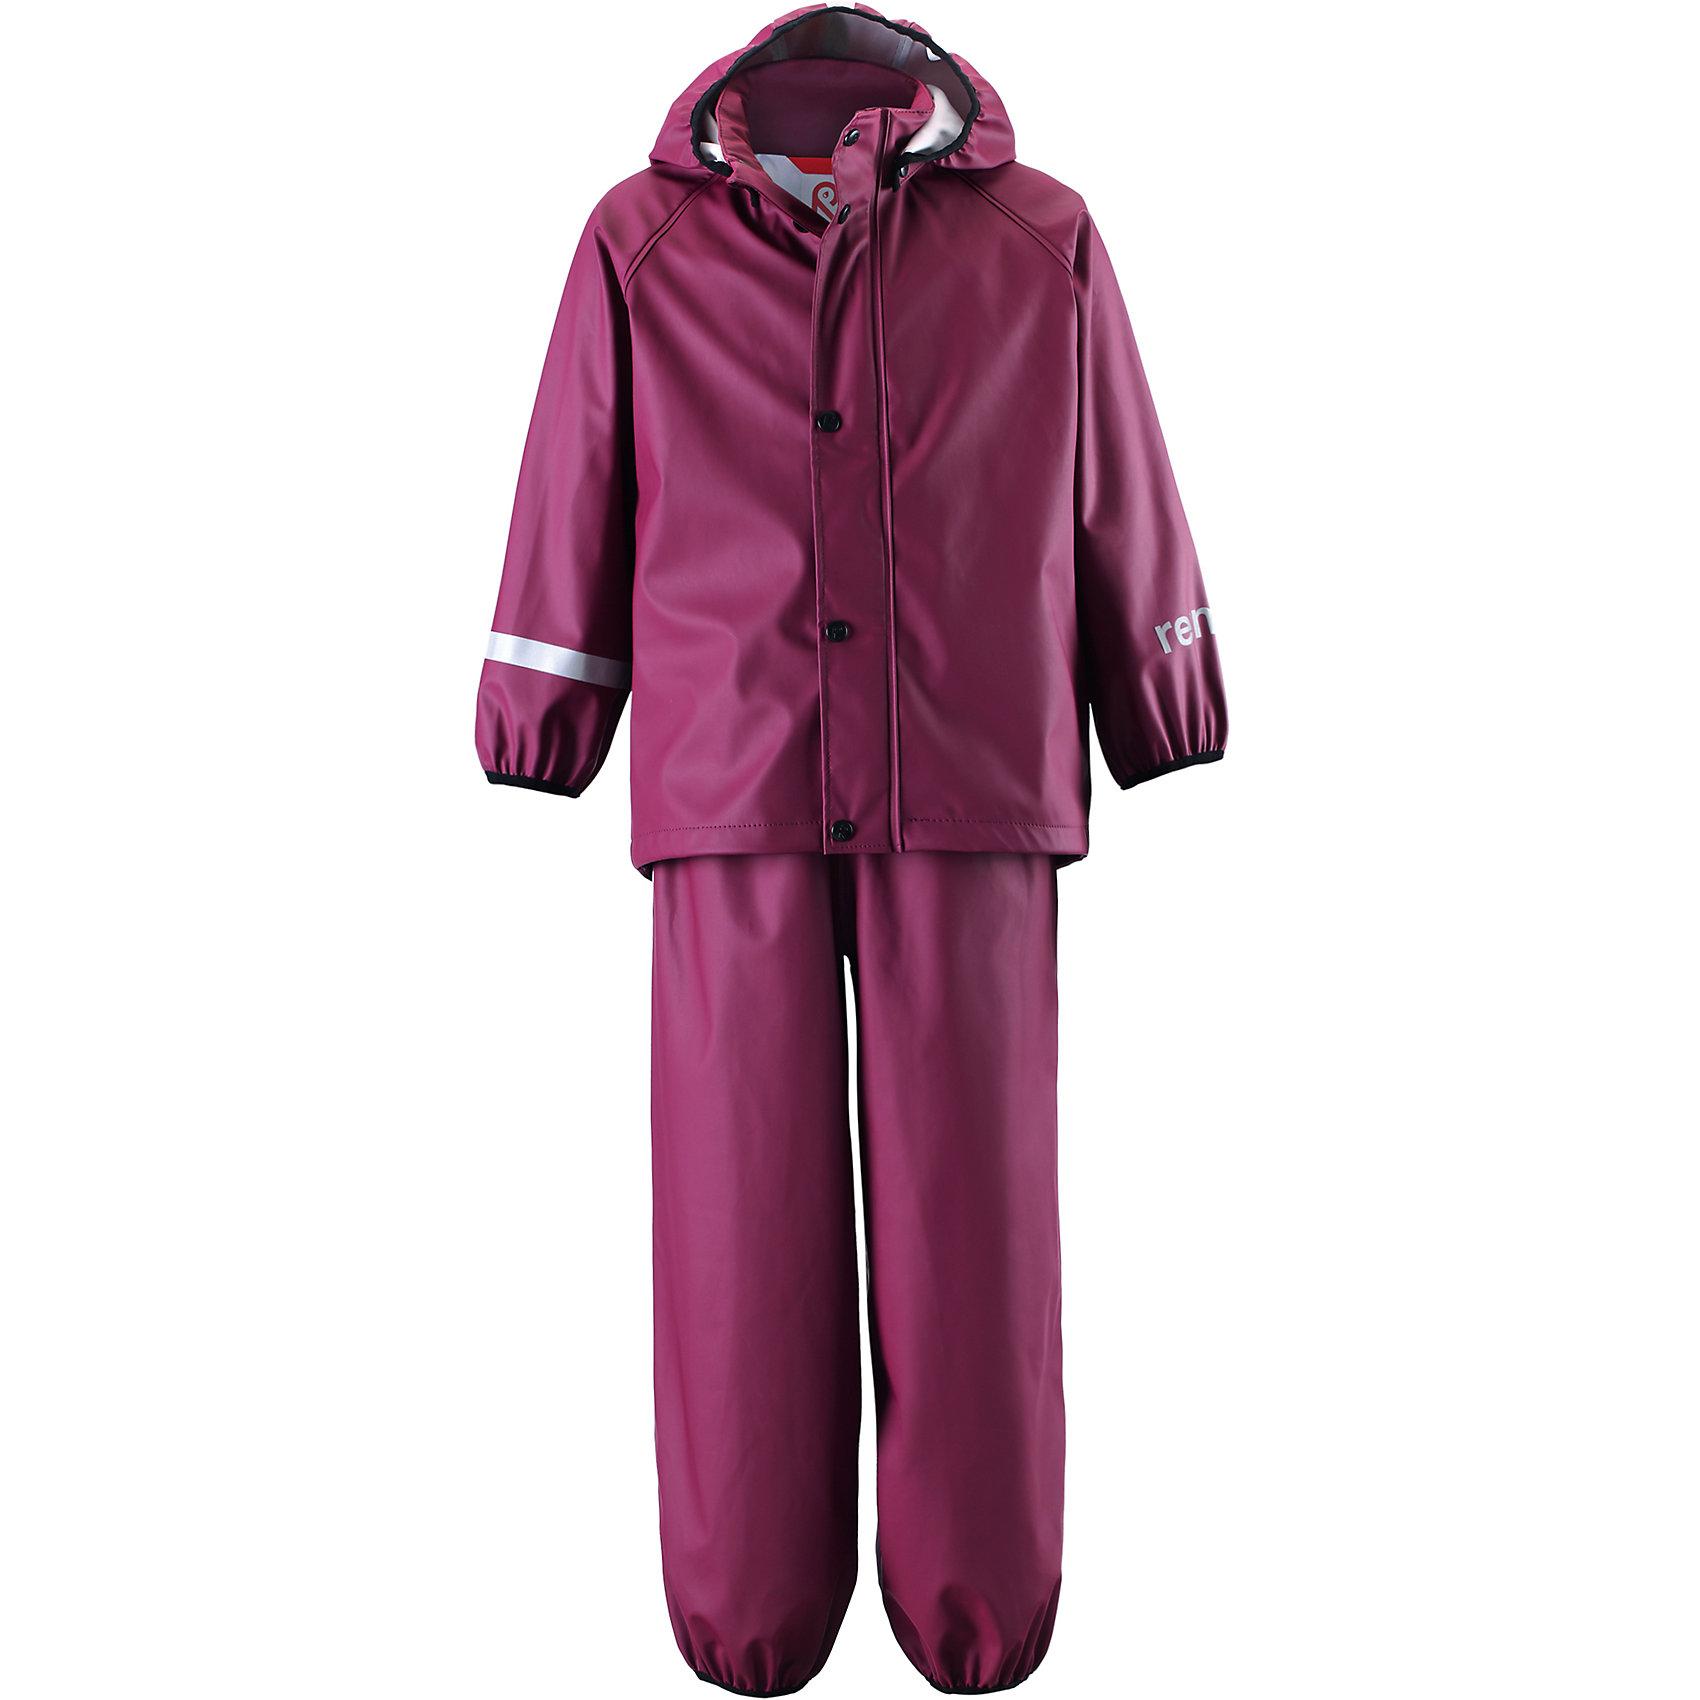 Непромокаемый комплект: куртка и брюки Viima для девочки ReimaНепромокаемый комплект: куртка и брюки Reima.<br>Комплект для дождливой погоды для детей. Запаянные швы, не пропускающие влагу. Эластичный материал. Без ПХВ. Безопасный, съемный капюшон. Эластичная резинка на кромке капюшона. Эластичные манжеты. Эластичная талия. Эластичная резинка на штанинах. Съемные штрипки в размерах от 104 до 128 см. Молния спереди. Безопасные светоотражающие детали. Отличный вариант для дождливой погоды.<br>Уход:<br>Стирать по отдельности, вывернув наизнанку. Застегнуть молнии и липучки. Стирать моющим средством, не содержащим отбеливающие вещества. Полоскать без специального средства. Во избежание изменения цвета изделие необходимо вынуть из стиральной машинки незамедлительно после окончания программы стирки. Сушить при низкой температуре.<br>Состав:<br>100% Полиамид, полиуретановое покрытие<br><br>Ширина мм: 356<br>Глубина мм: 10<br>Высота мм: 245<br>Вес г: 519<br>Цвет: фиолетовый<br>Возраст от месяцев: 72<br>Возраст до месяцев: 84<br>Пол: Женский<br>Возраст: Детский<br>Размер: 122,140,128,134,116<br>SKU: 4778127